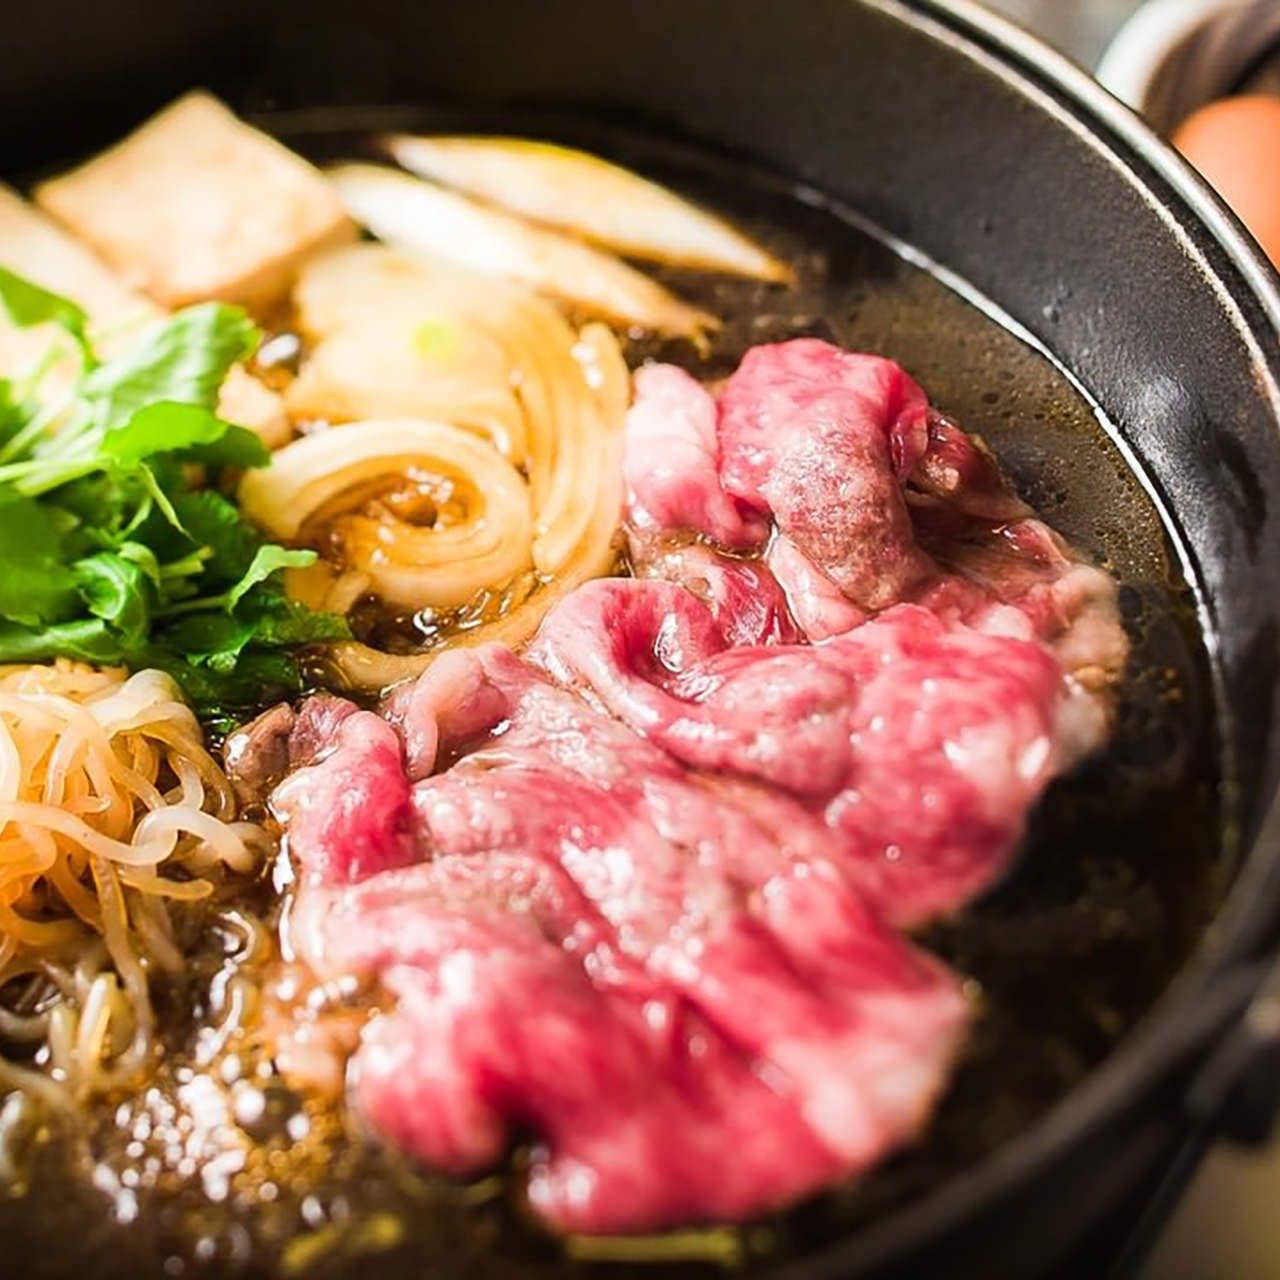 牛しゃぶ・すき焼きは小鍋提供も承ります。気軽にご相談ください